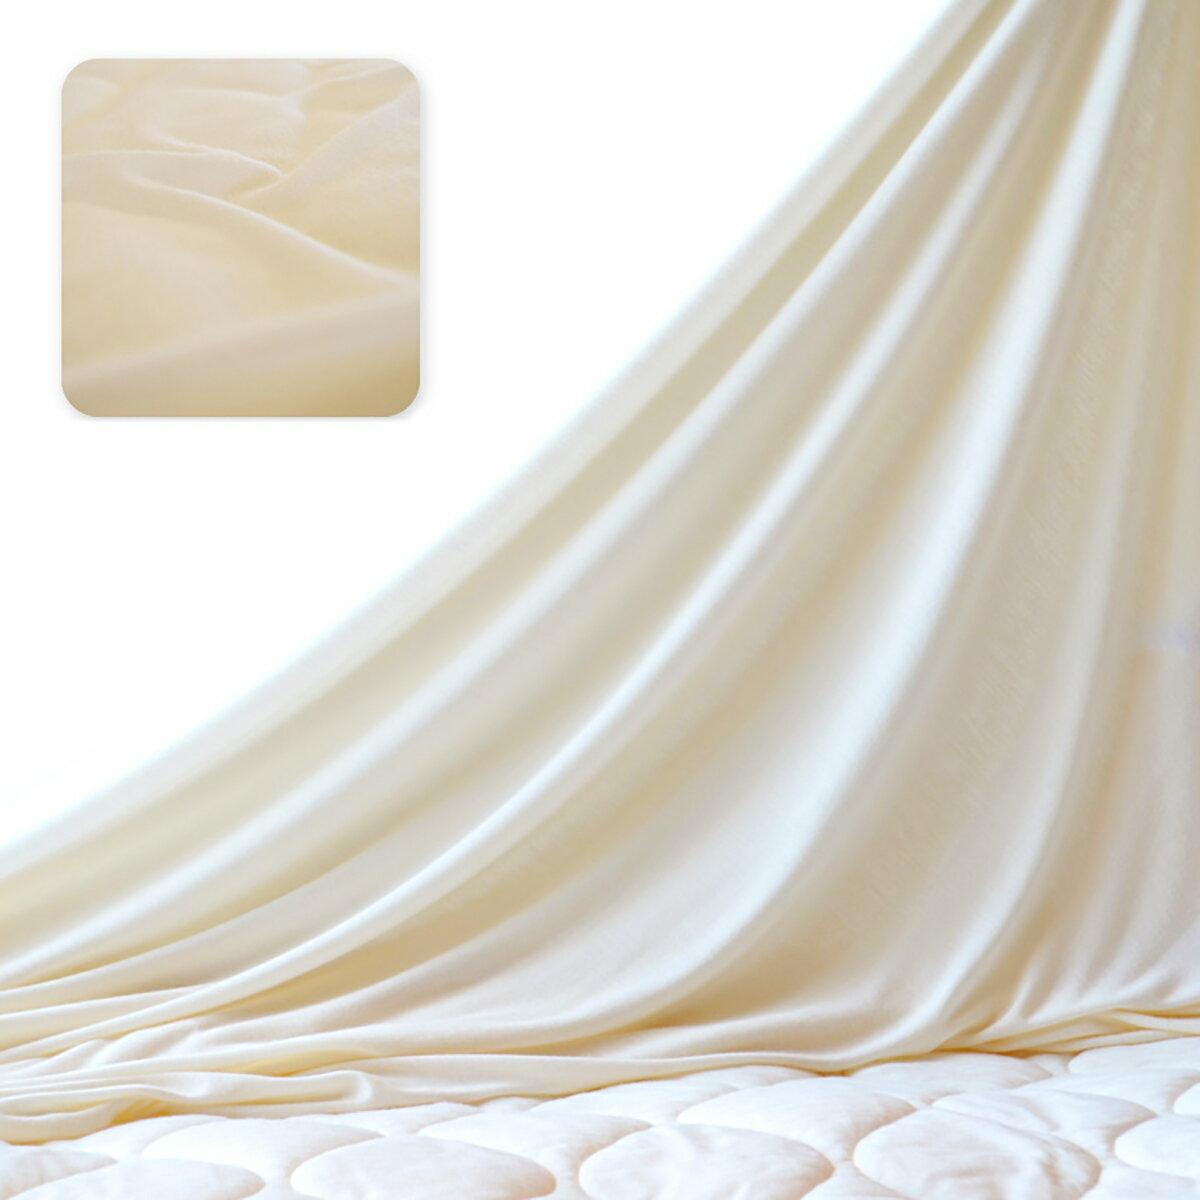 センベラ Luft(ルフト) ベッドシーツ (シングルサイズ)【同梱可】【店頭受取対応商品】